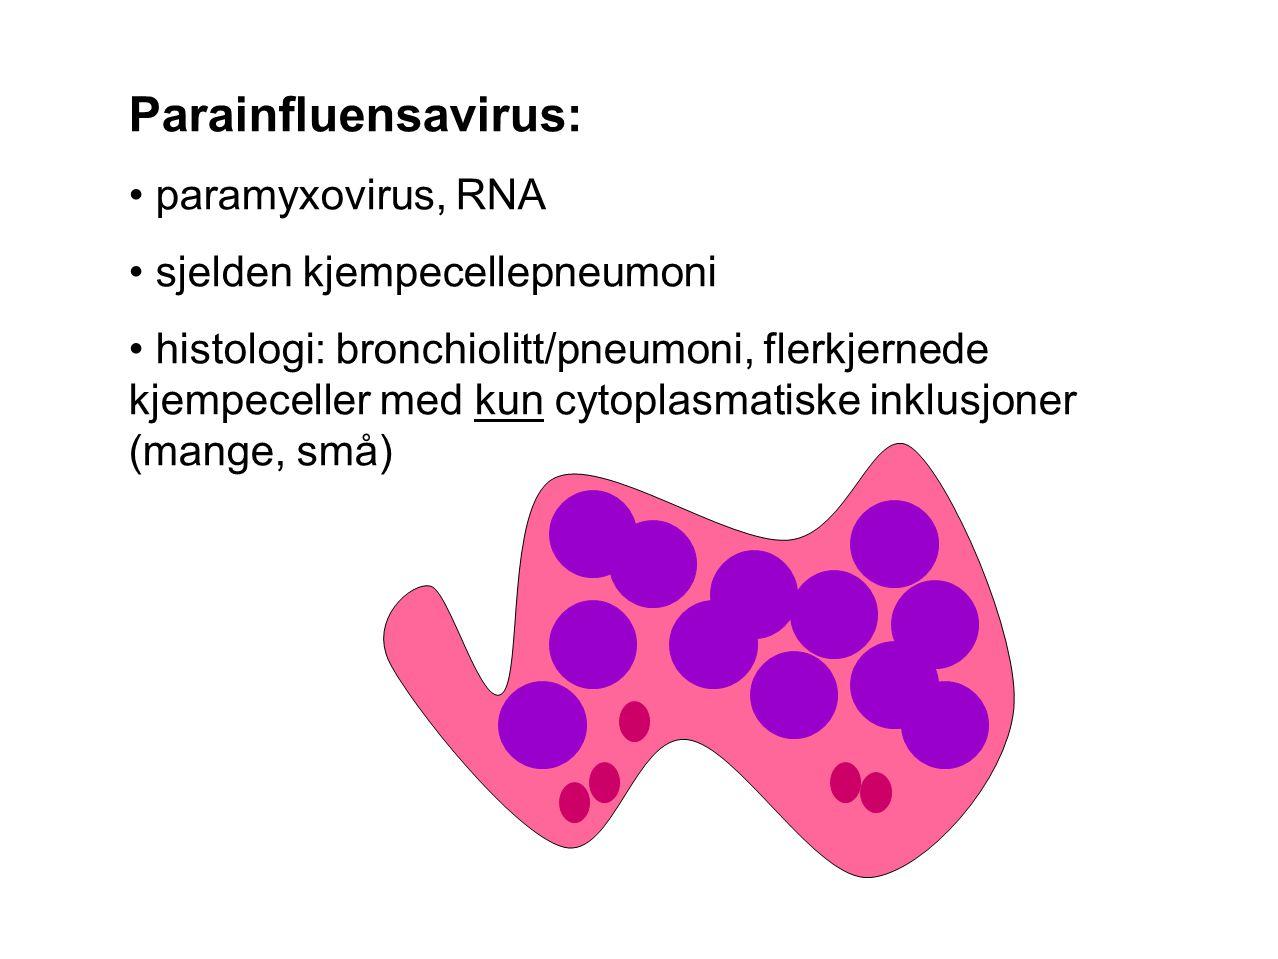 Parainfluensavirus: paramyxovirus, RNA sjelden kjempecellepneumoni histologi: bronchiolitt/pneumoni, flerkjernede kjempeceller med kun cytoplasmatiske inklusjoner (mange, små)